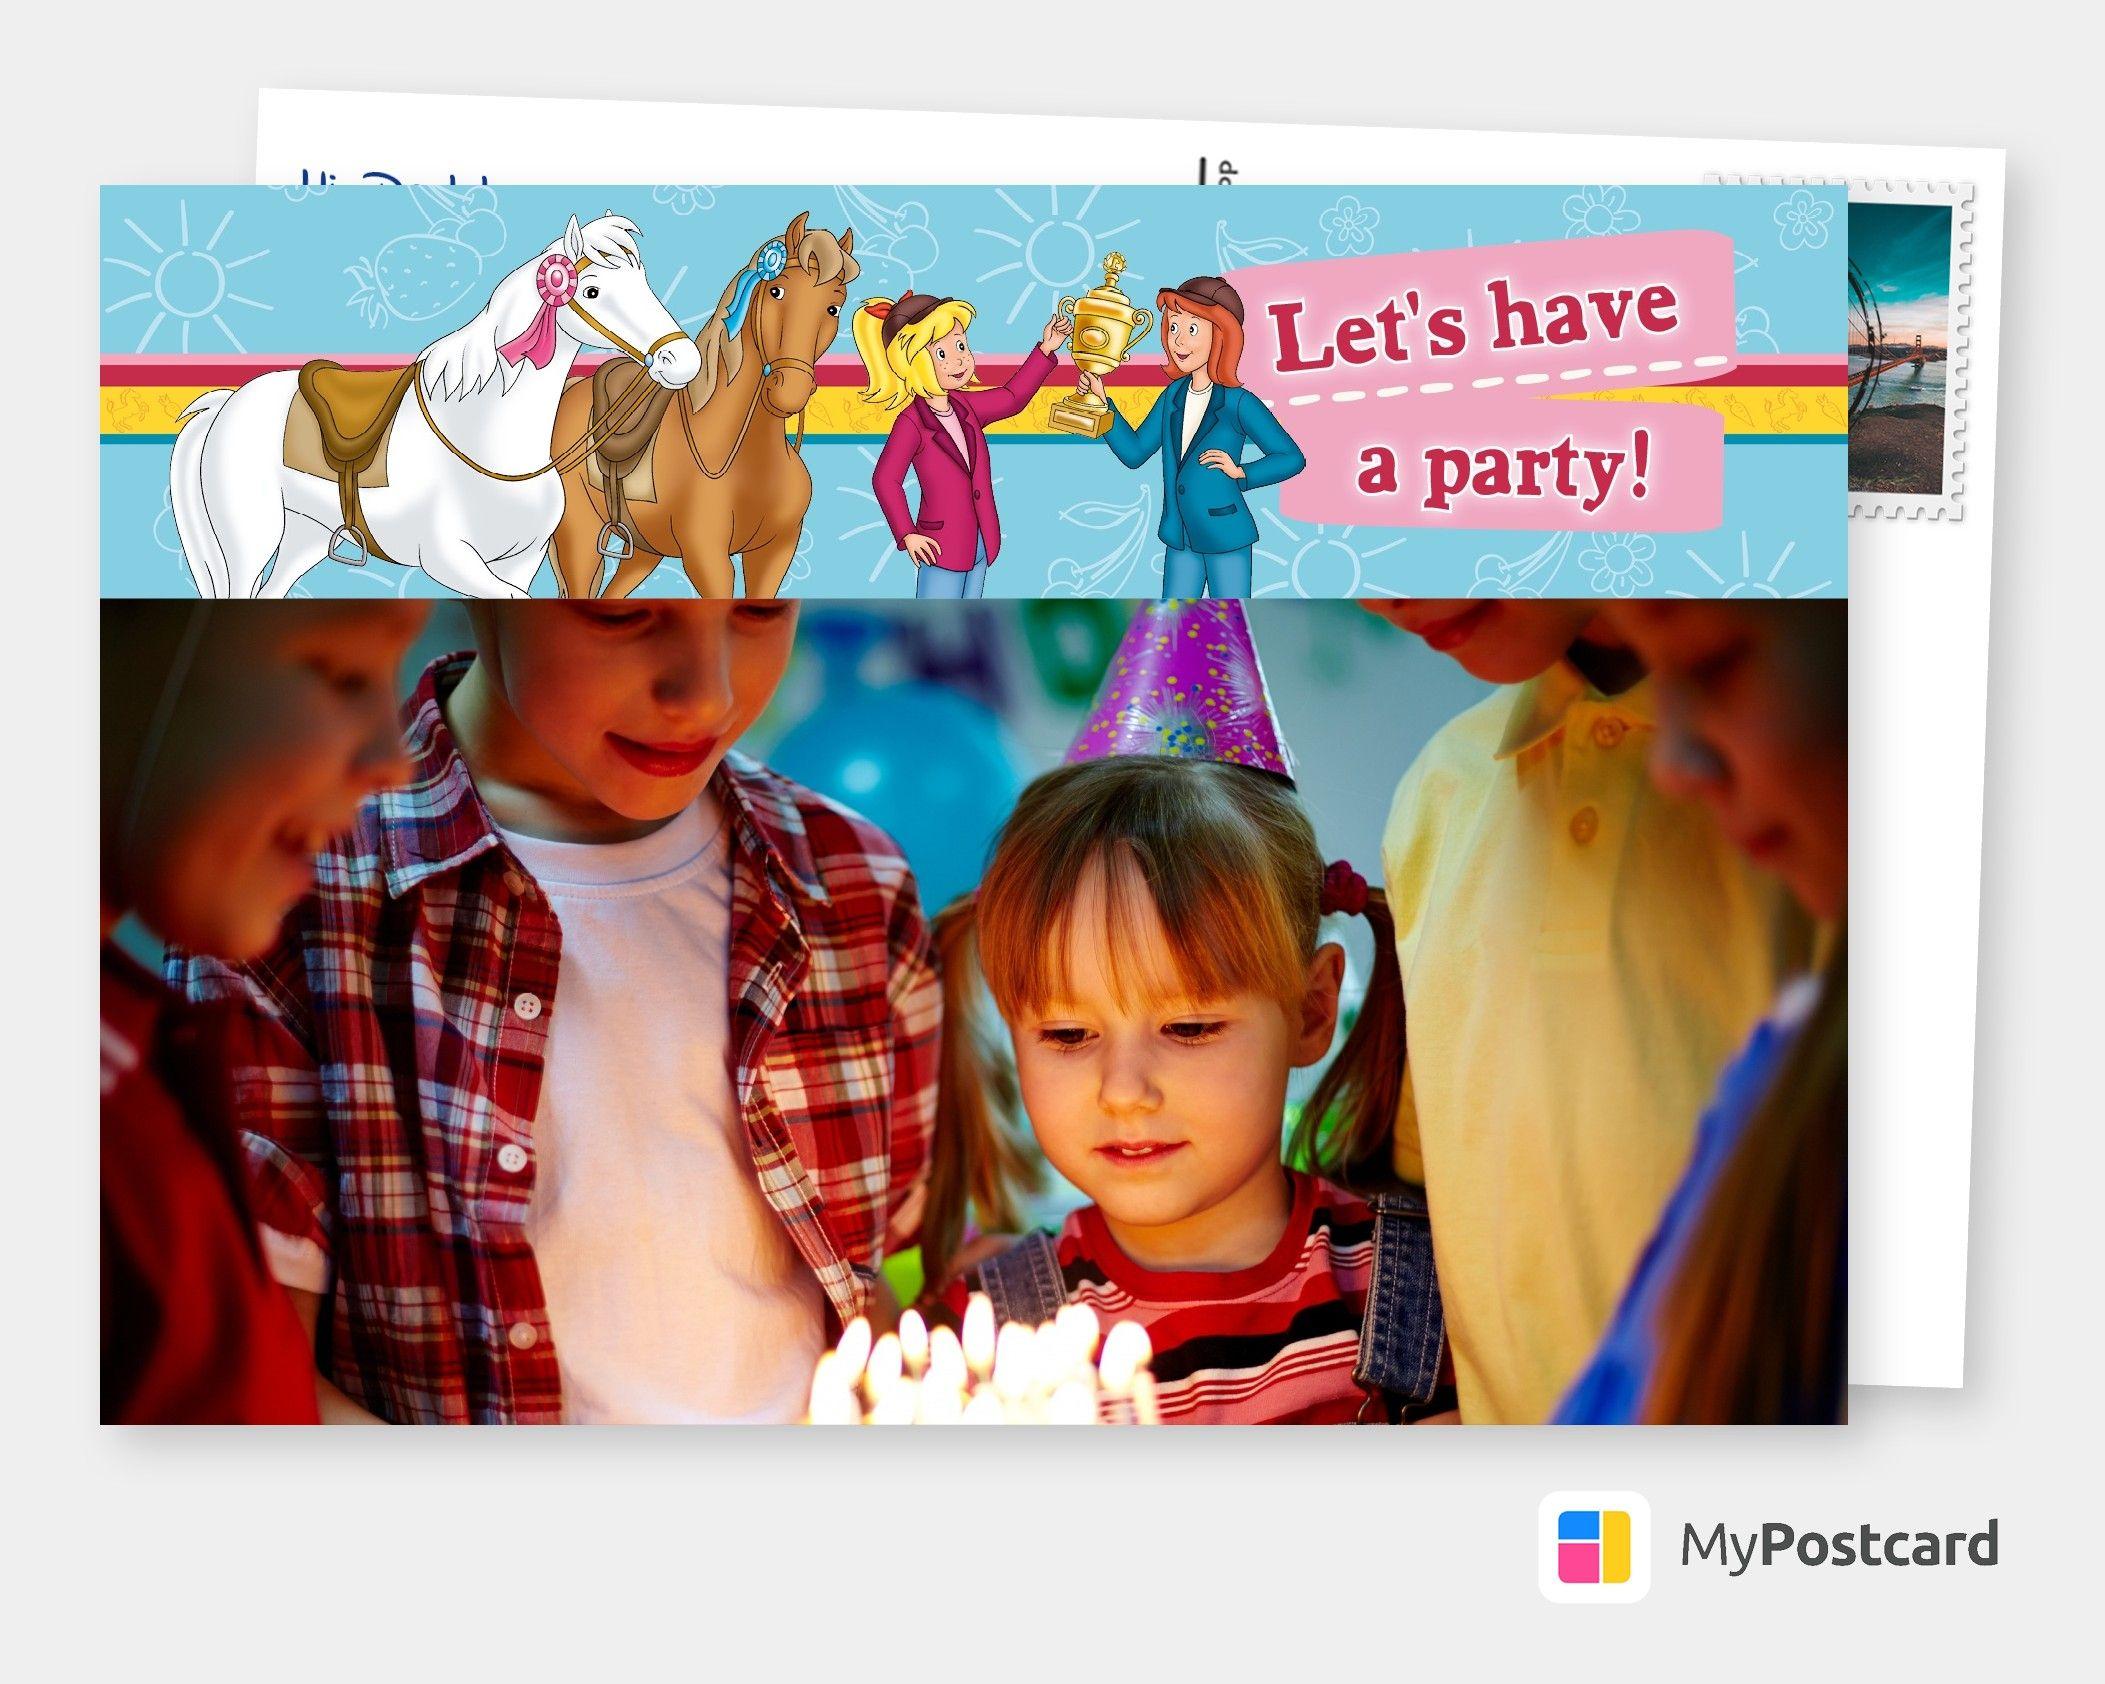 Let S Have A Party Film Musik Karten Echte Postkarten Online Versenden Musik Postkarten Online Postkarten